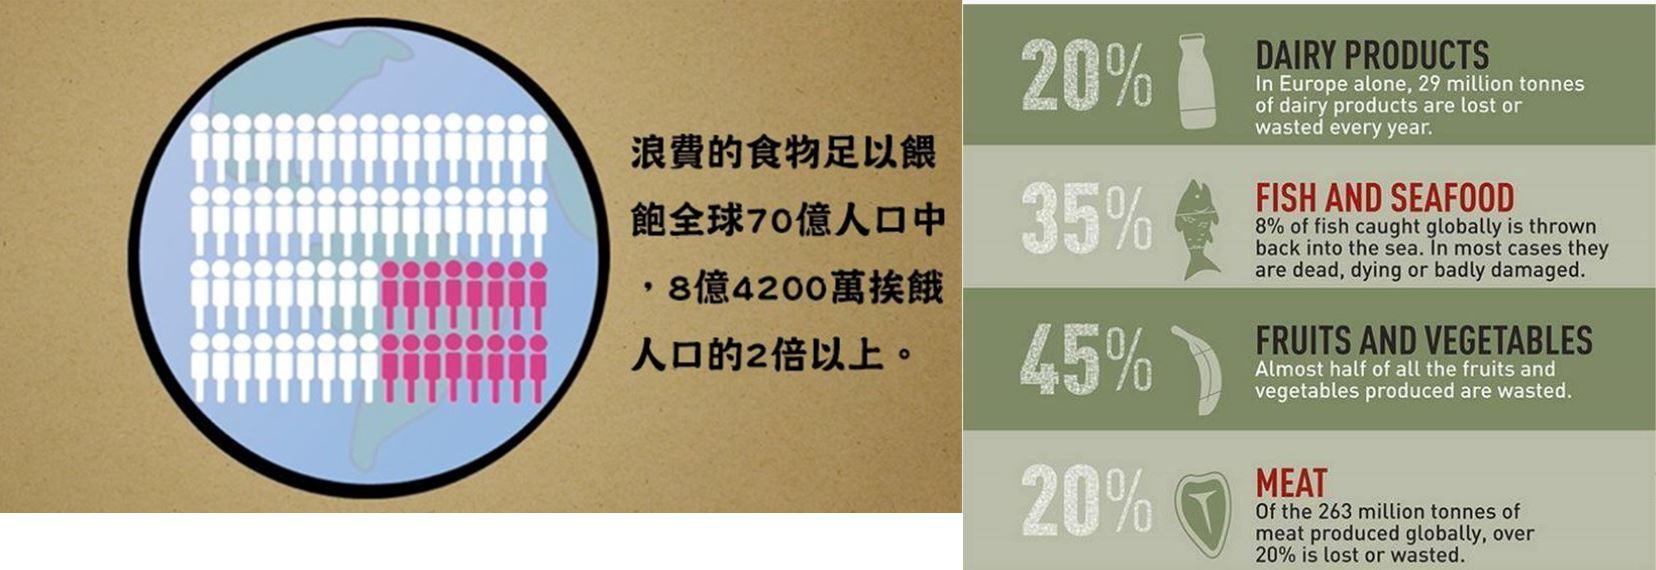 %e7%b0%a1%e5%ad%90%e7%ad%96   3